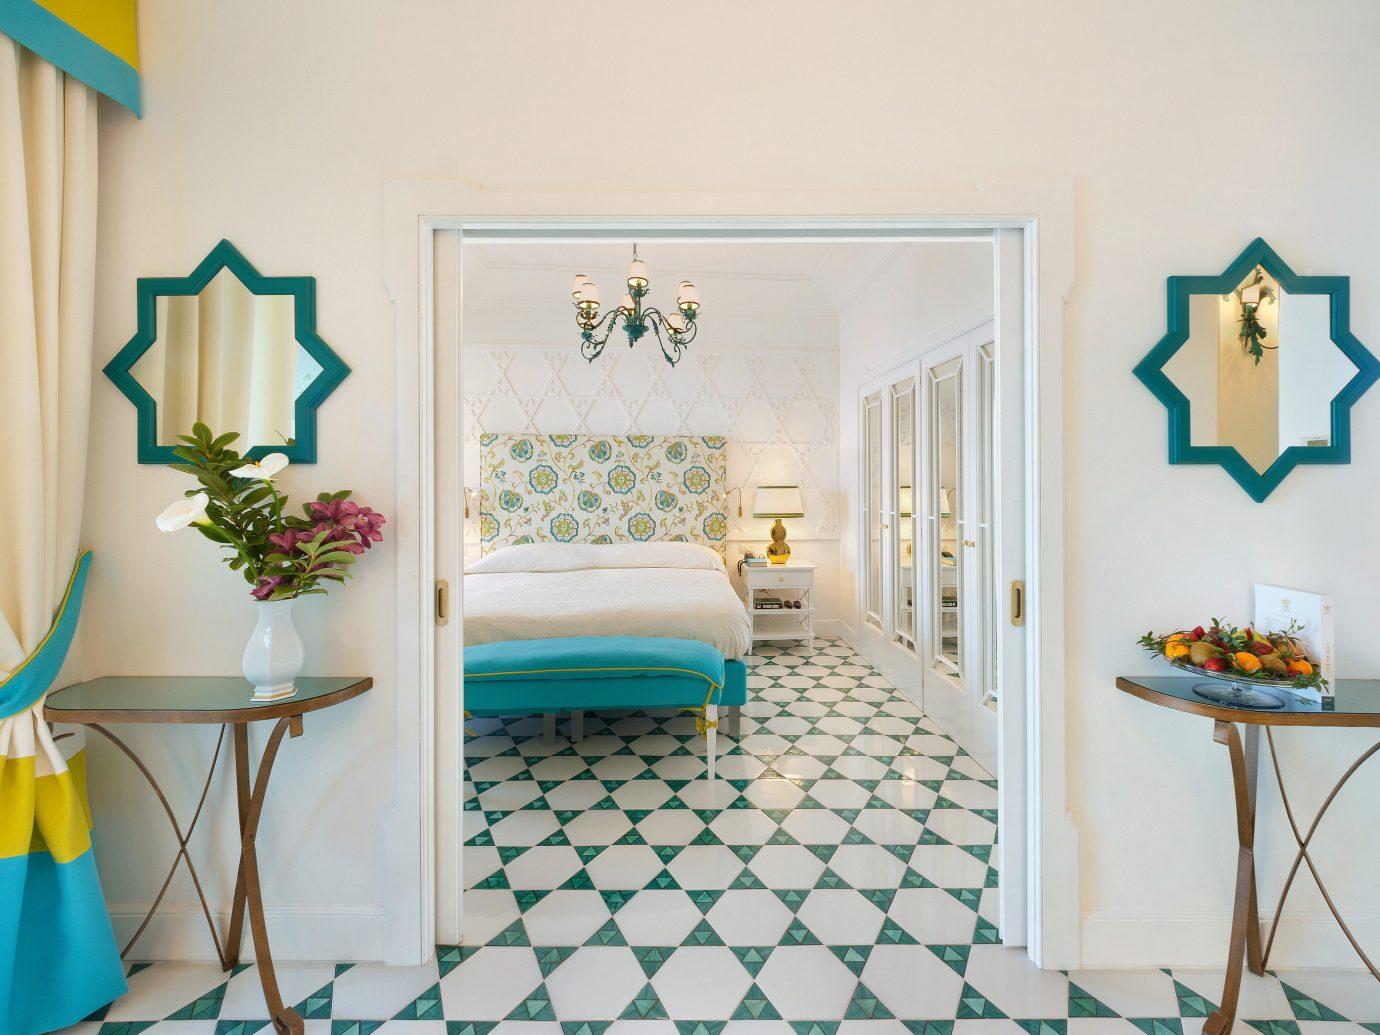 Bedroom at Il San Pietro di Positano